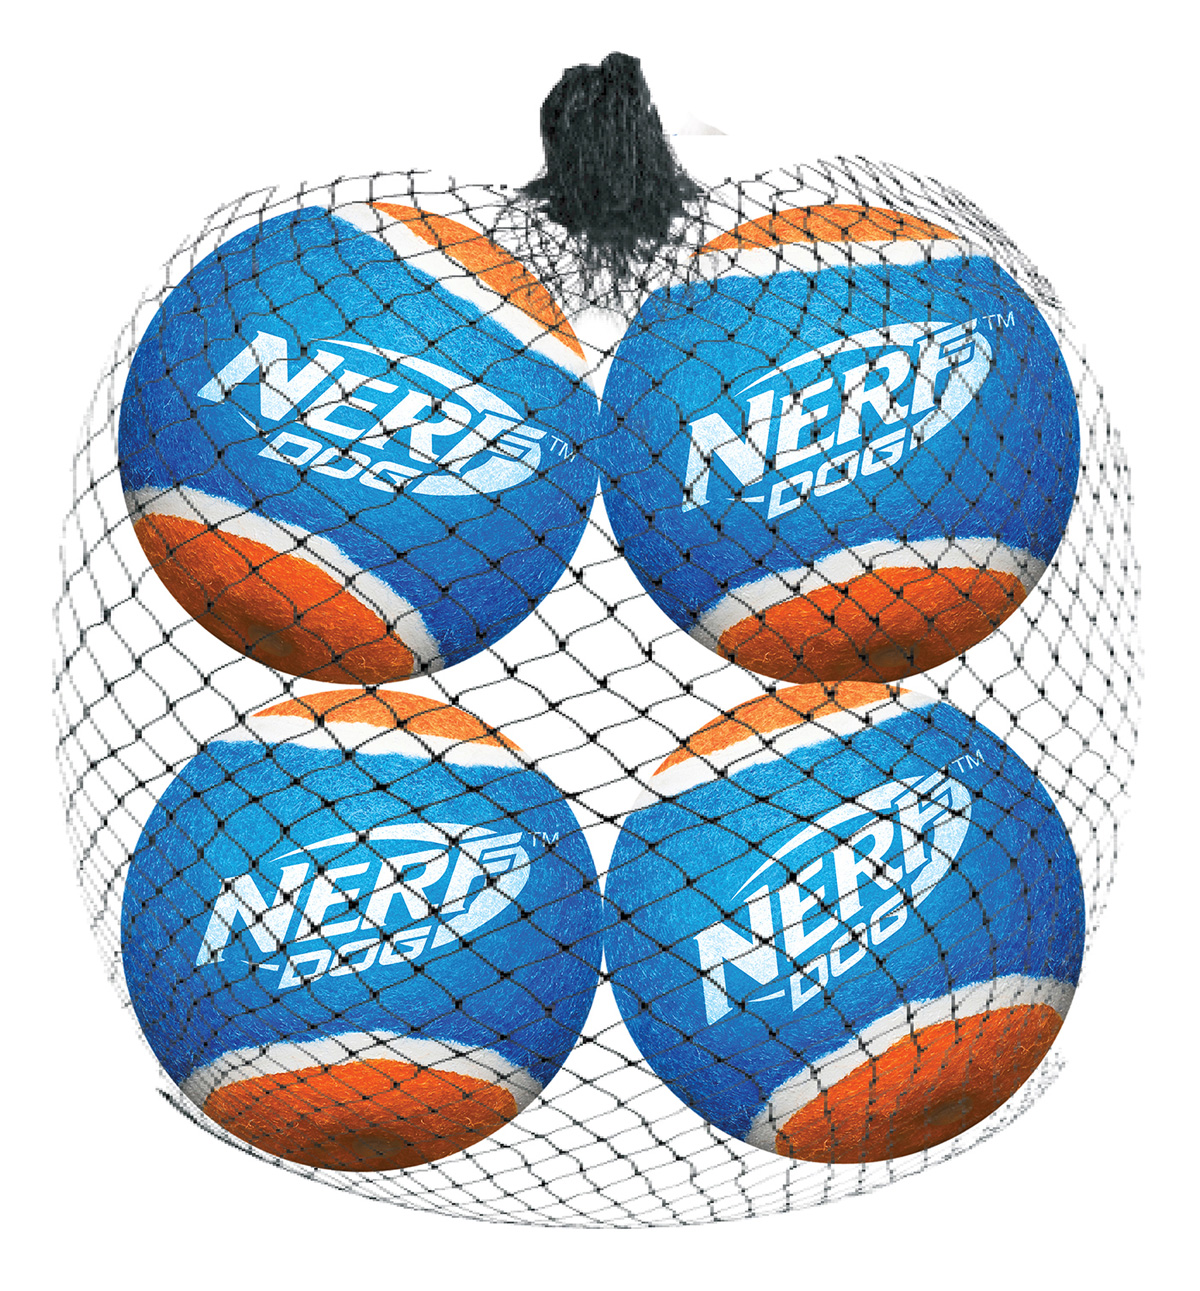 Мяч теннисный для бластера Nerf, диаметр 6 см, 4 шт30762Высококачественные теннисные мячи Nerf подходят для бластера NerfDog. Специально разработаны для максимальной траектории полета, безопасны, удобны для захвата. Размер: 6 см.